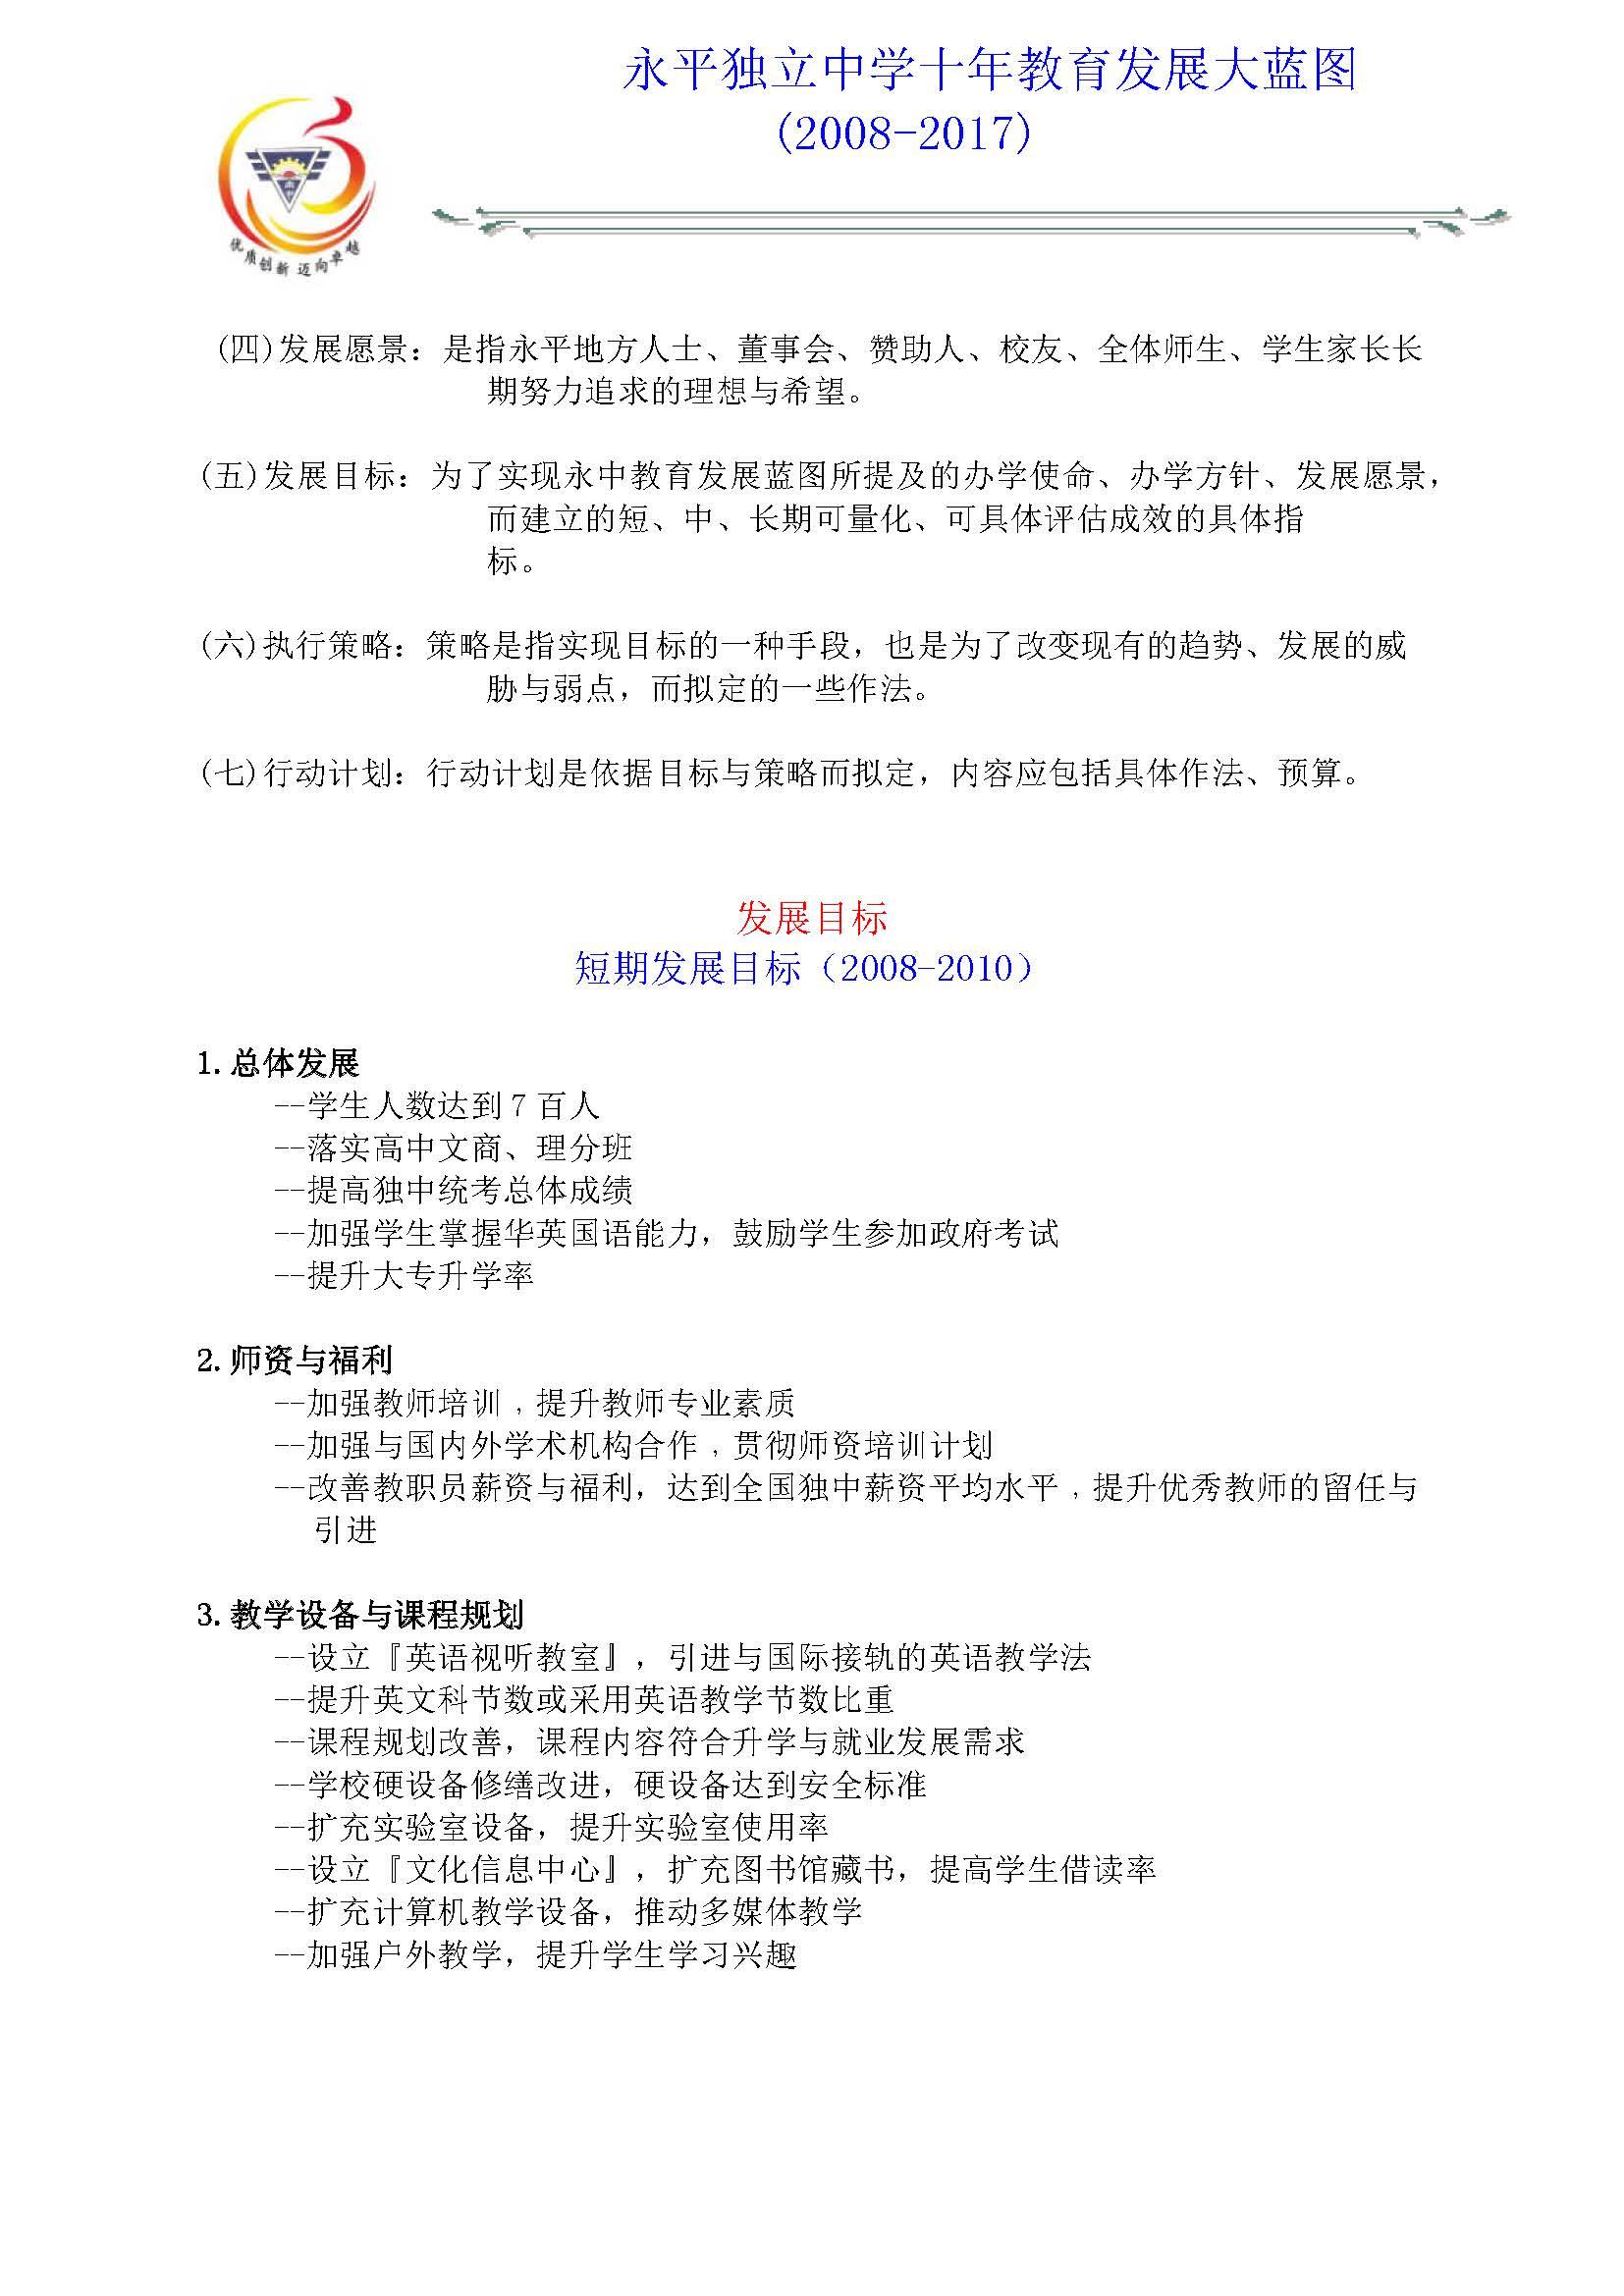 永平独立中学十年大蓝图-ok_Page_3